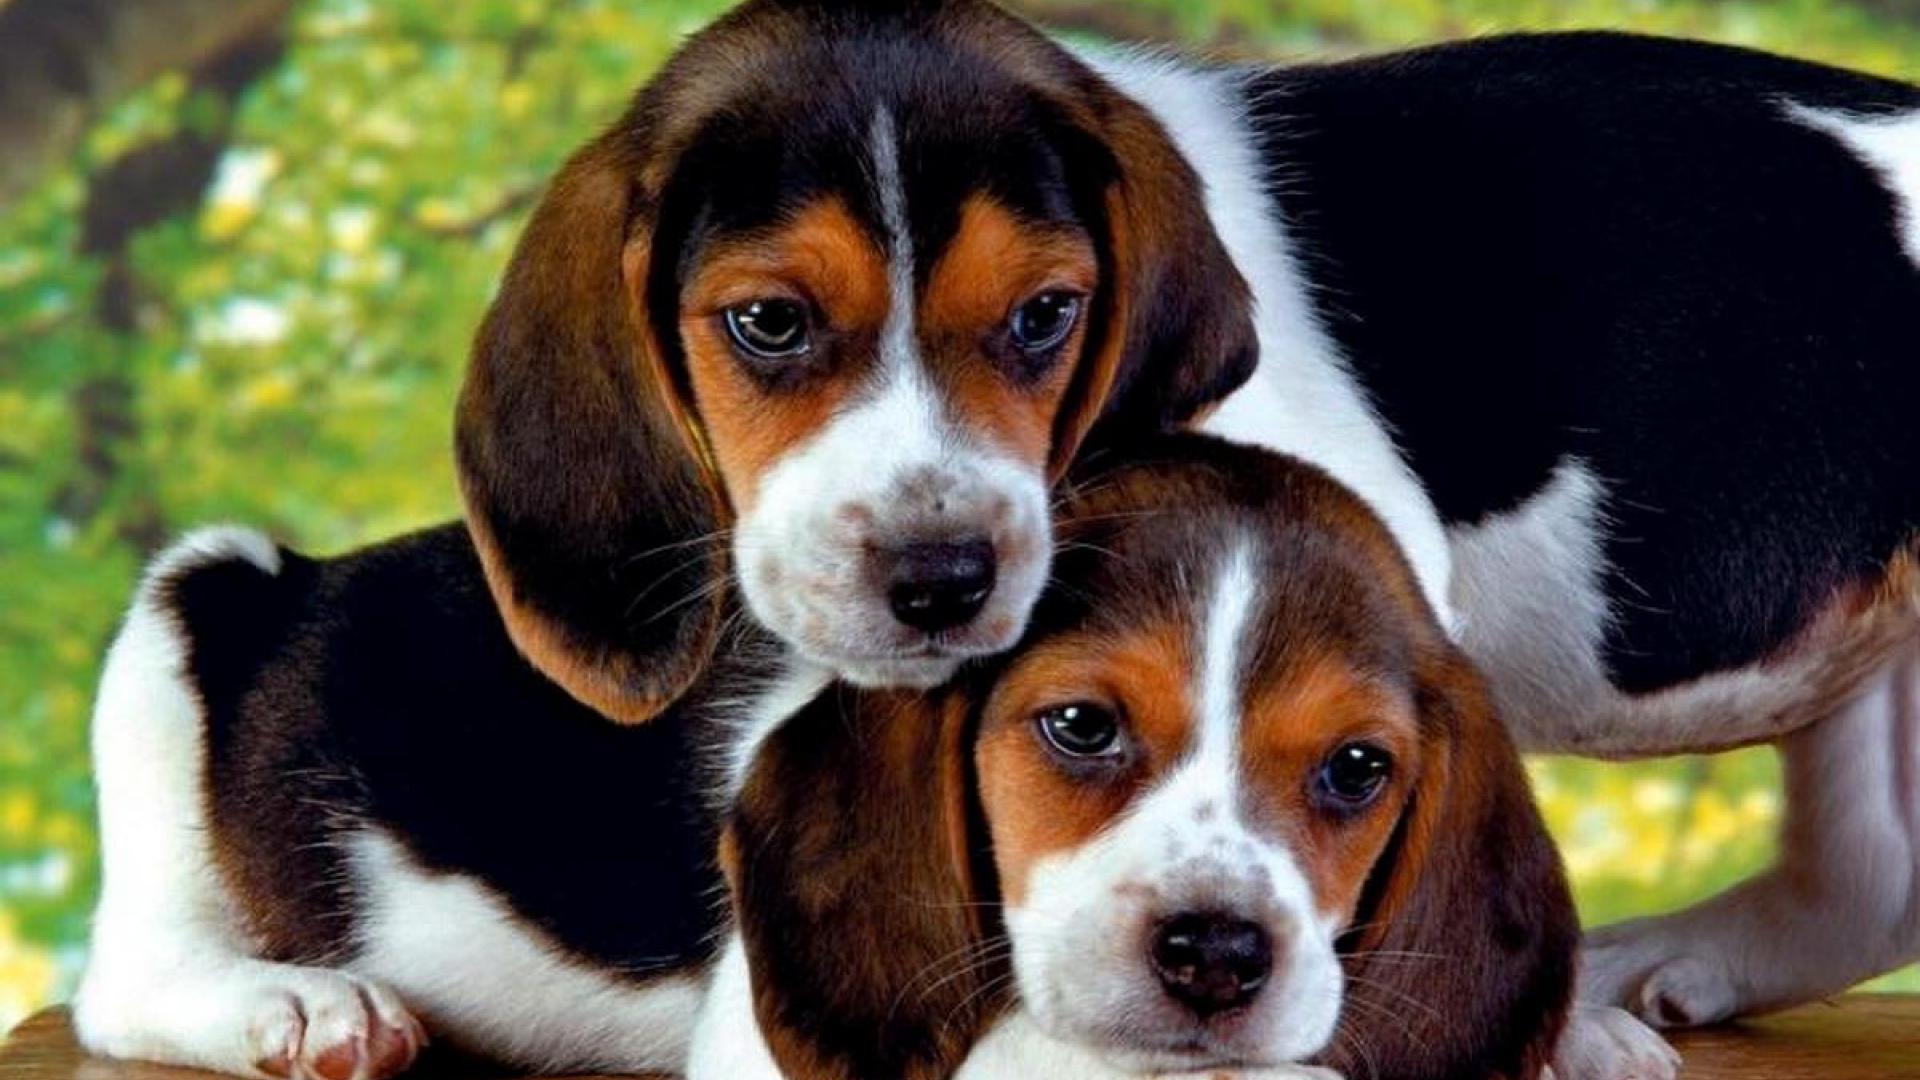 Fondos De Pantalla De Perros Wallpapers Hd: Beagle Wallpapers, Pictures, Images